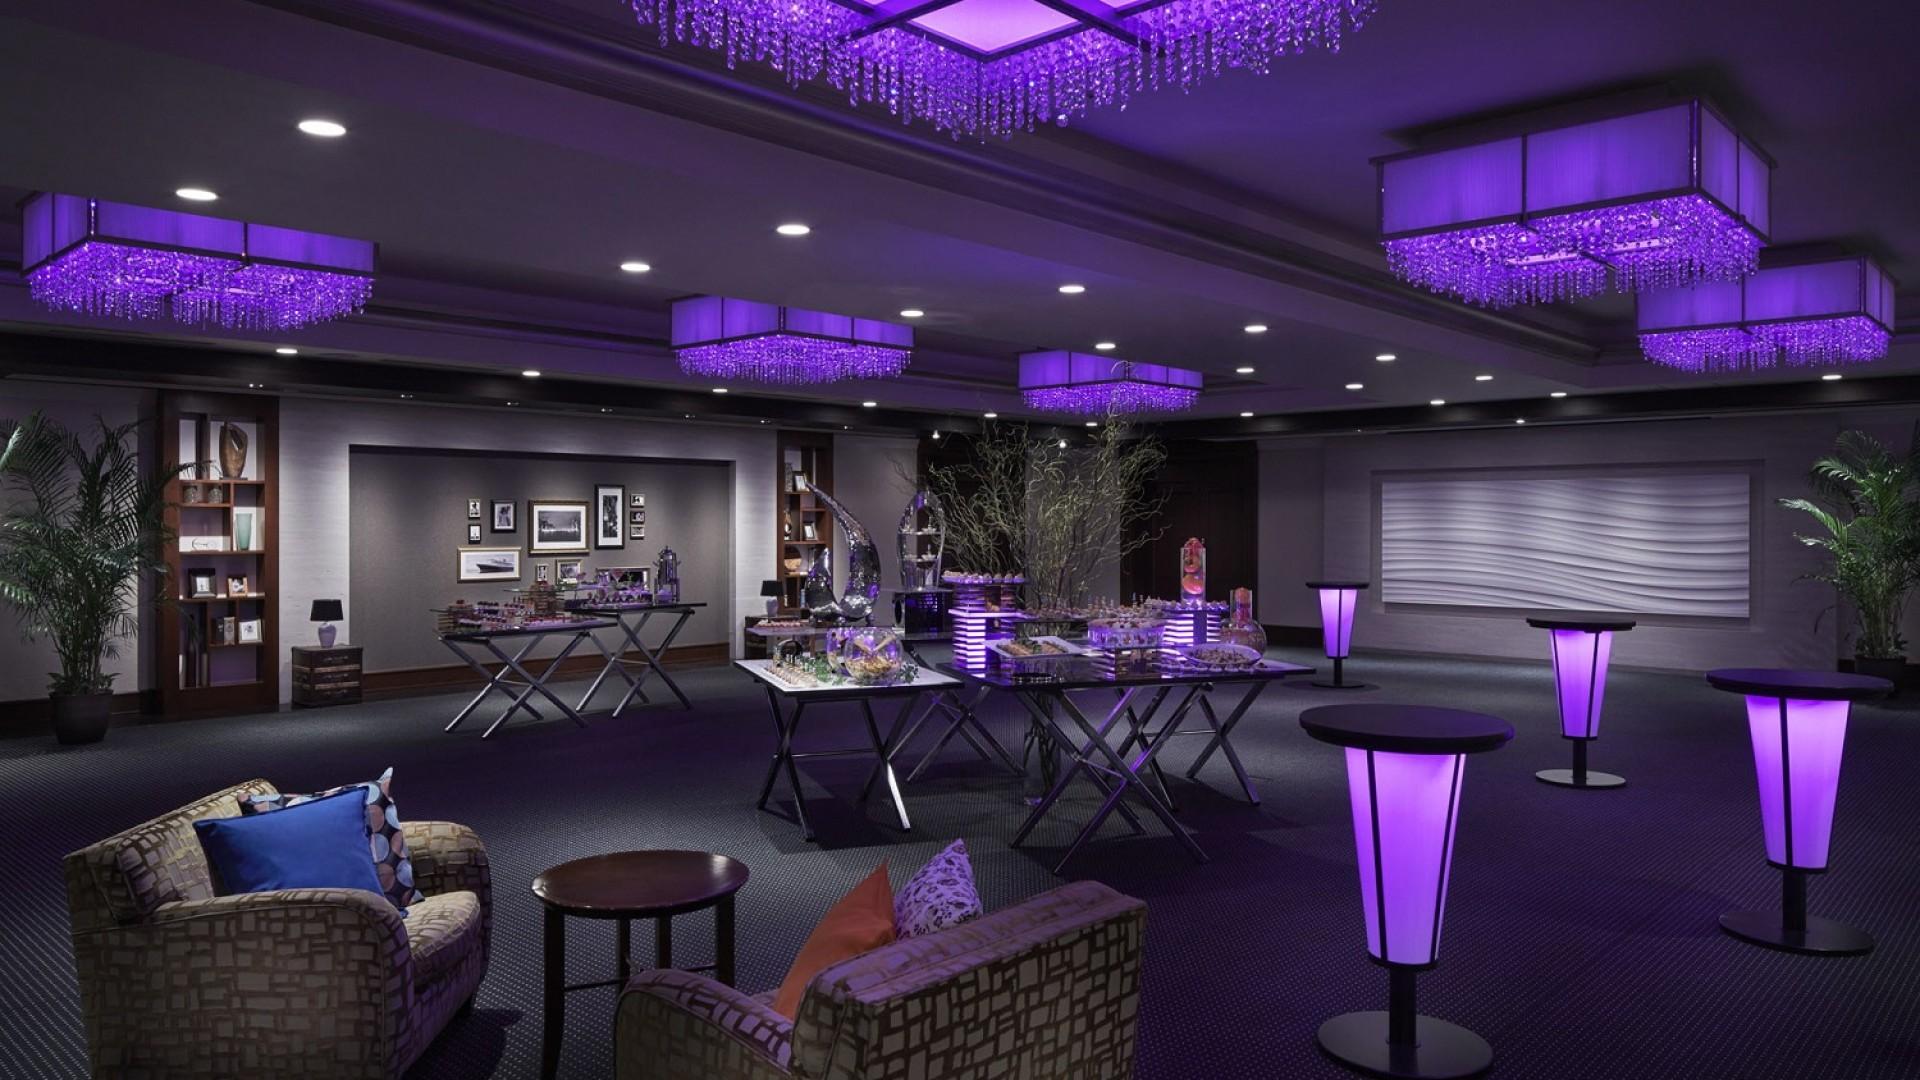 โรงแรมโยโกฮามะ เบย์ เชอราตัน ทาวเวอร์